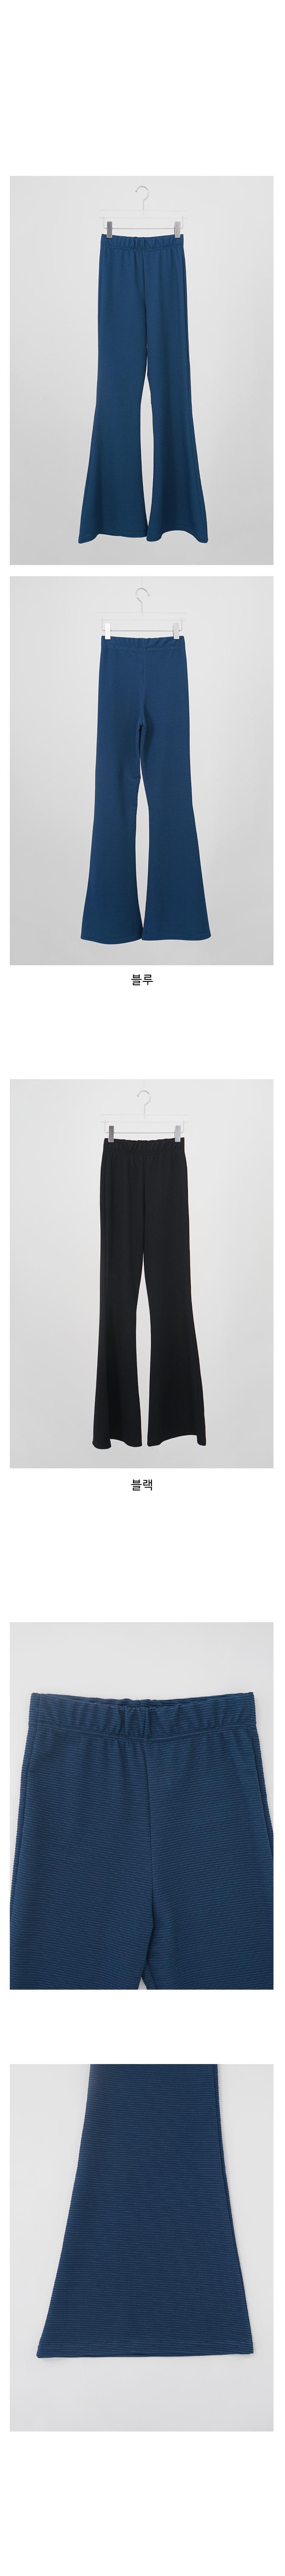 maxi leggings boots-cut pants (2colors)